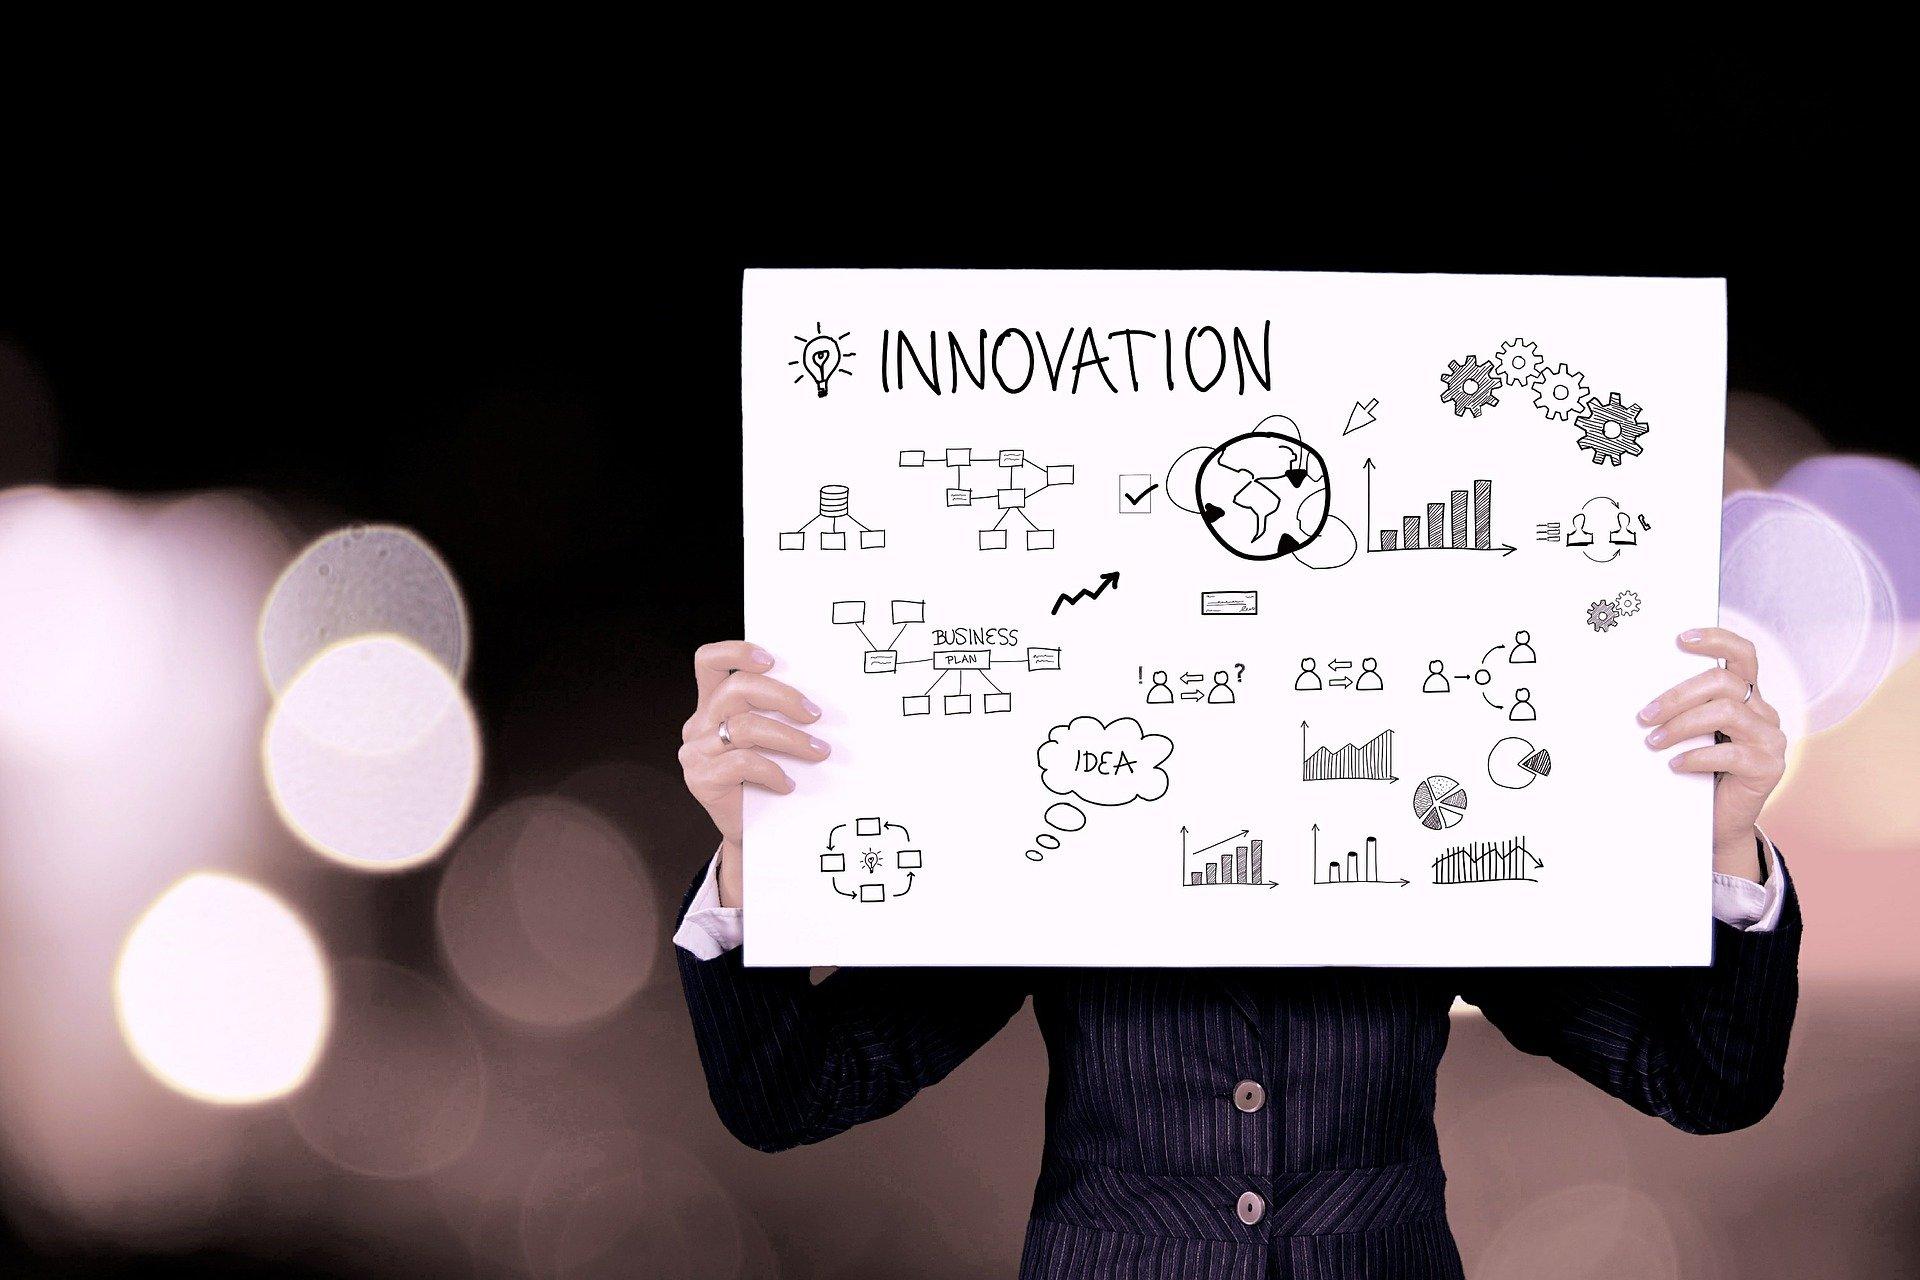 経理の将来性は?|企業の情報化・IT化が経理の仕事を変えるの画像2